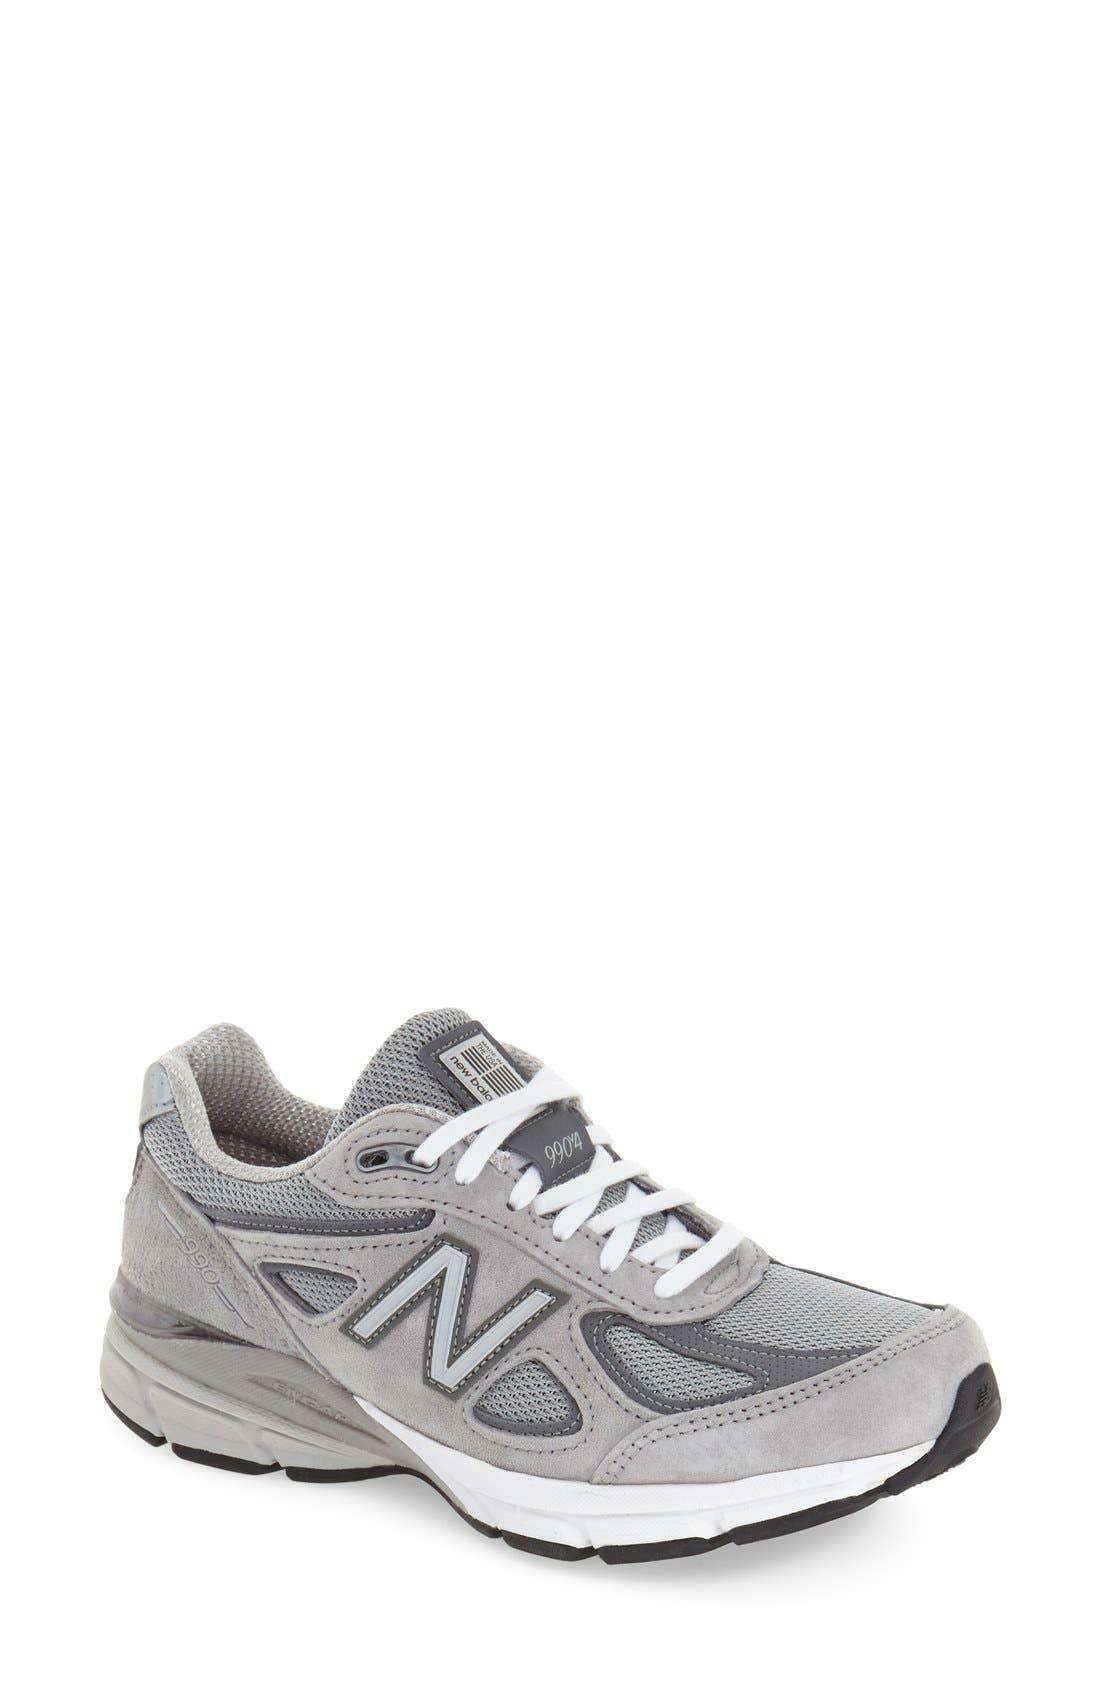 Main Image - New Balance \u0027990 Premium\u0027 Running Shoe ...